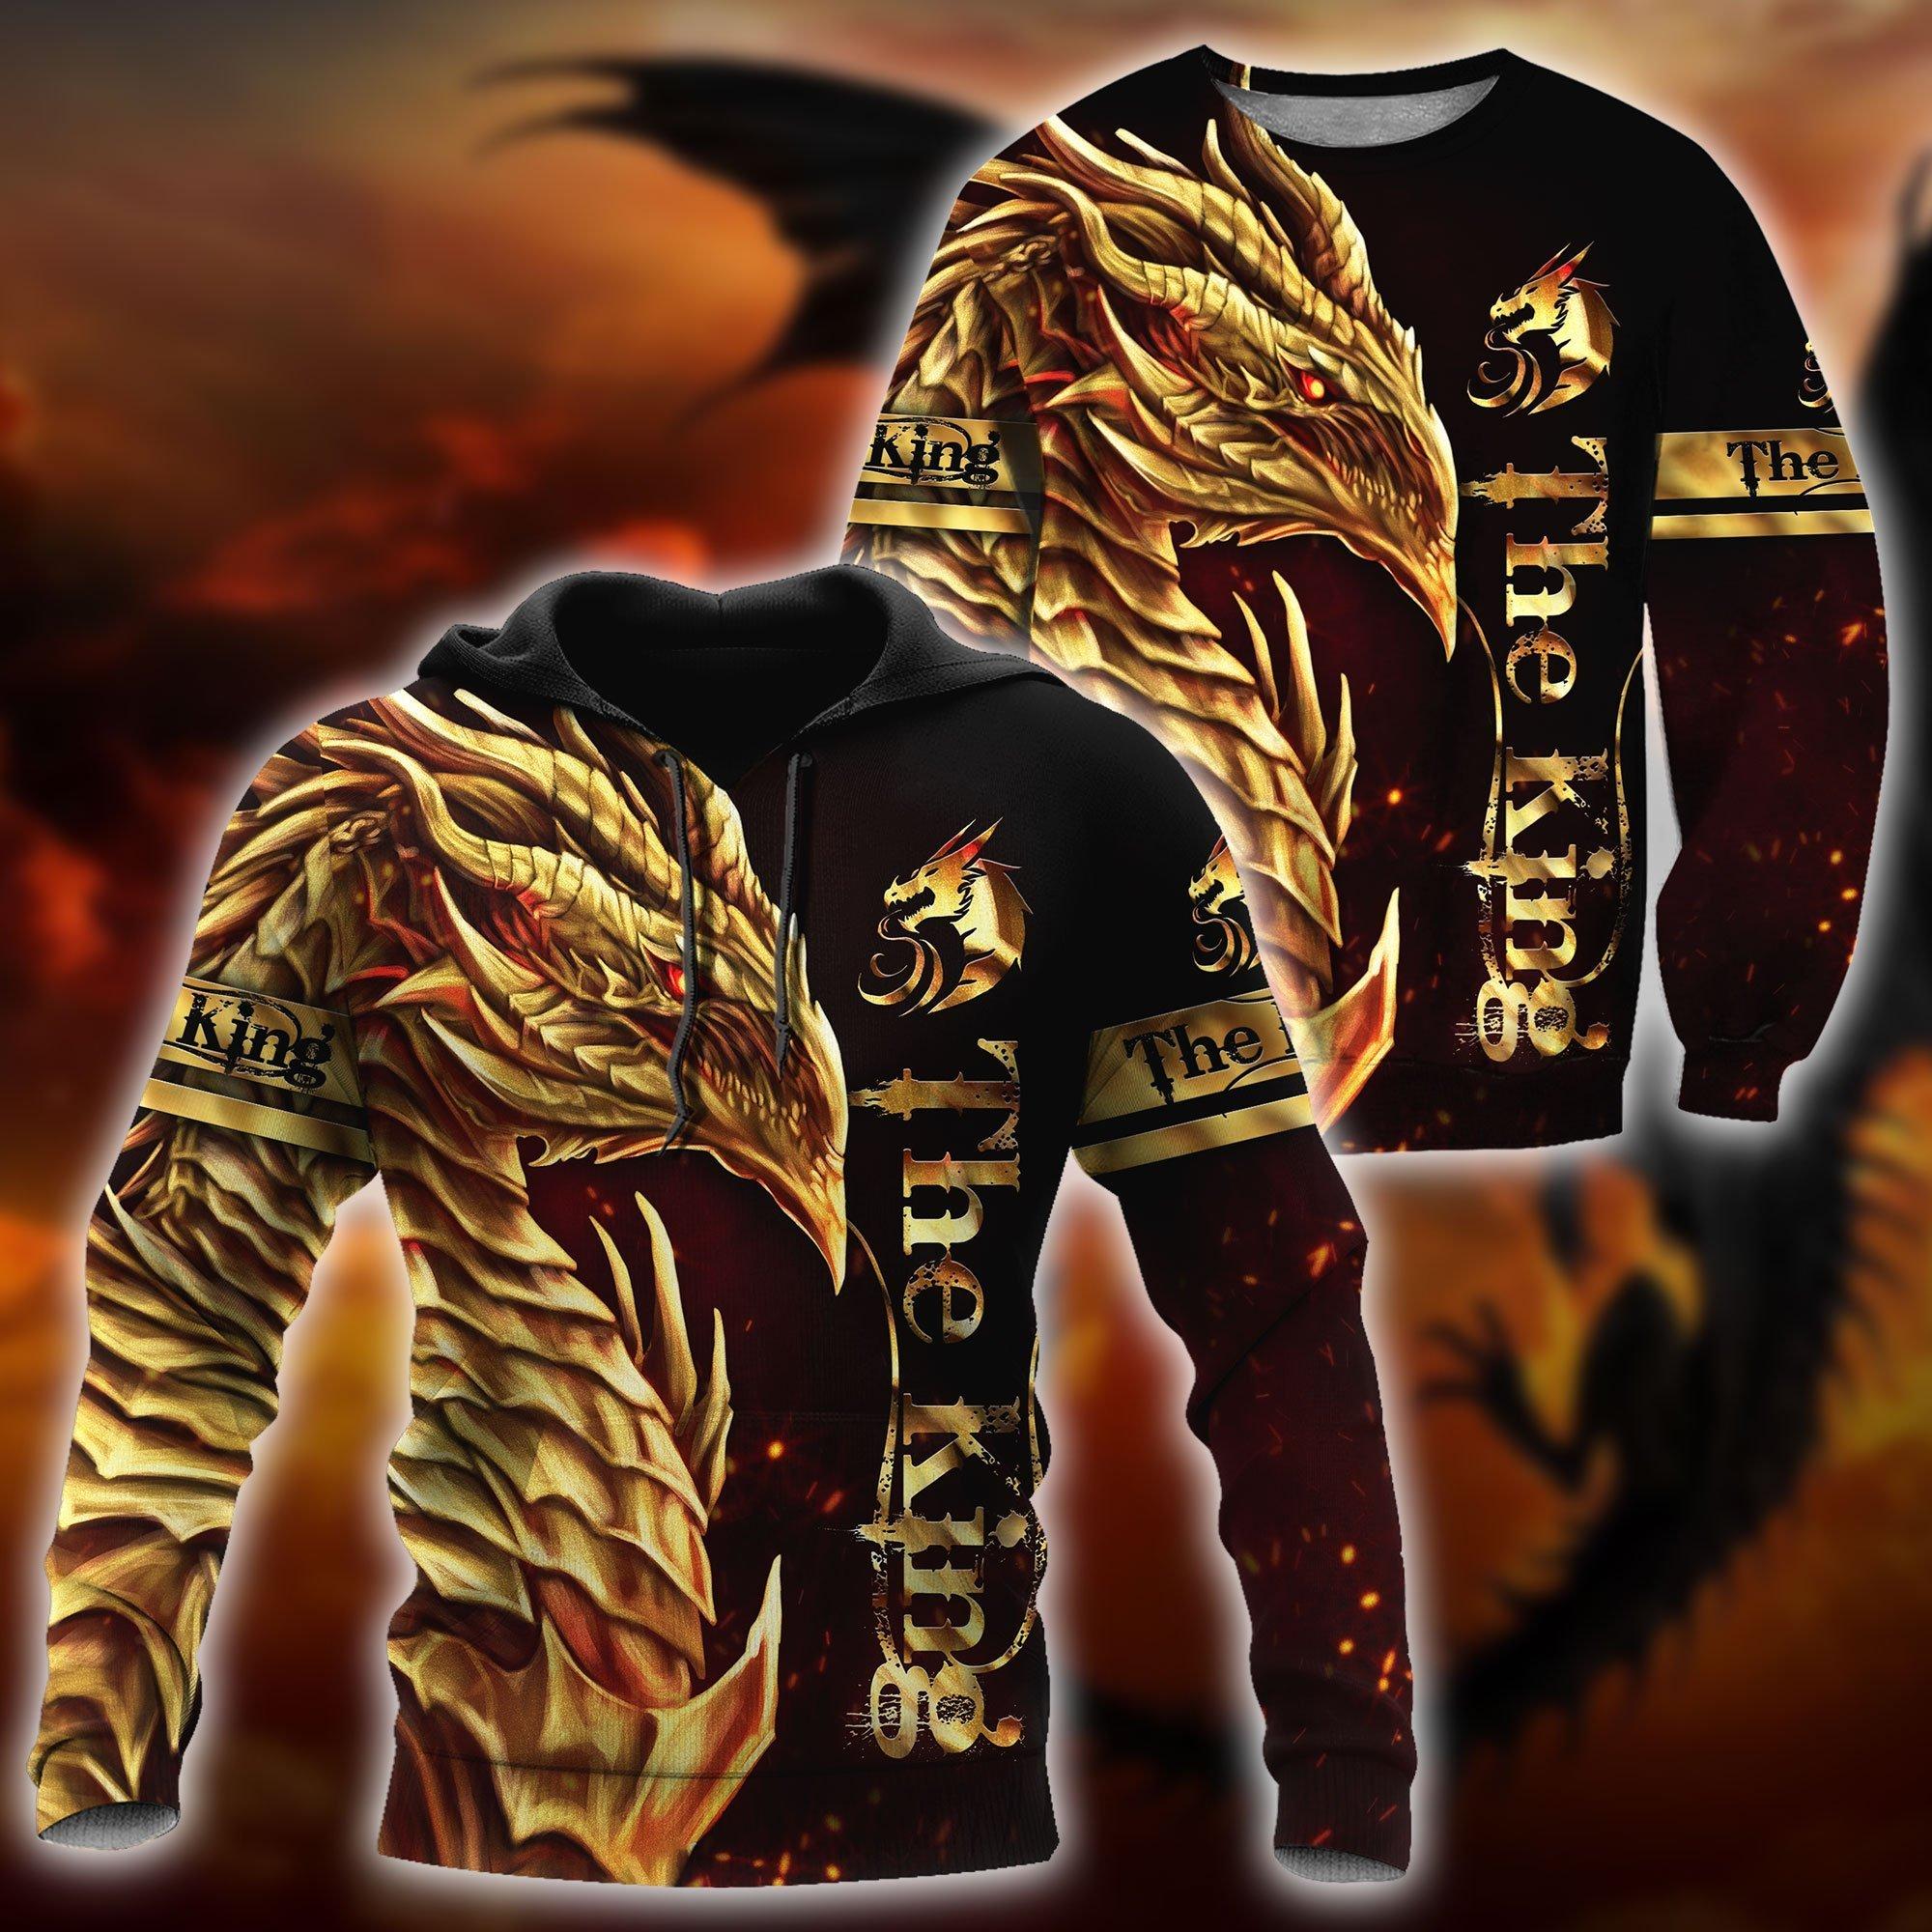 2021 осенние модные толстовки с капюшоном с красивым рисунком дракона Короля толстовки унисекс пуловер на молнии Повседневная Уличная одежд...